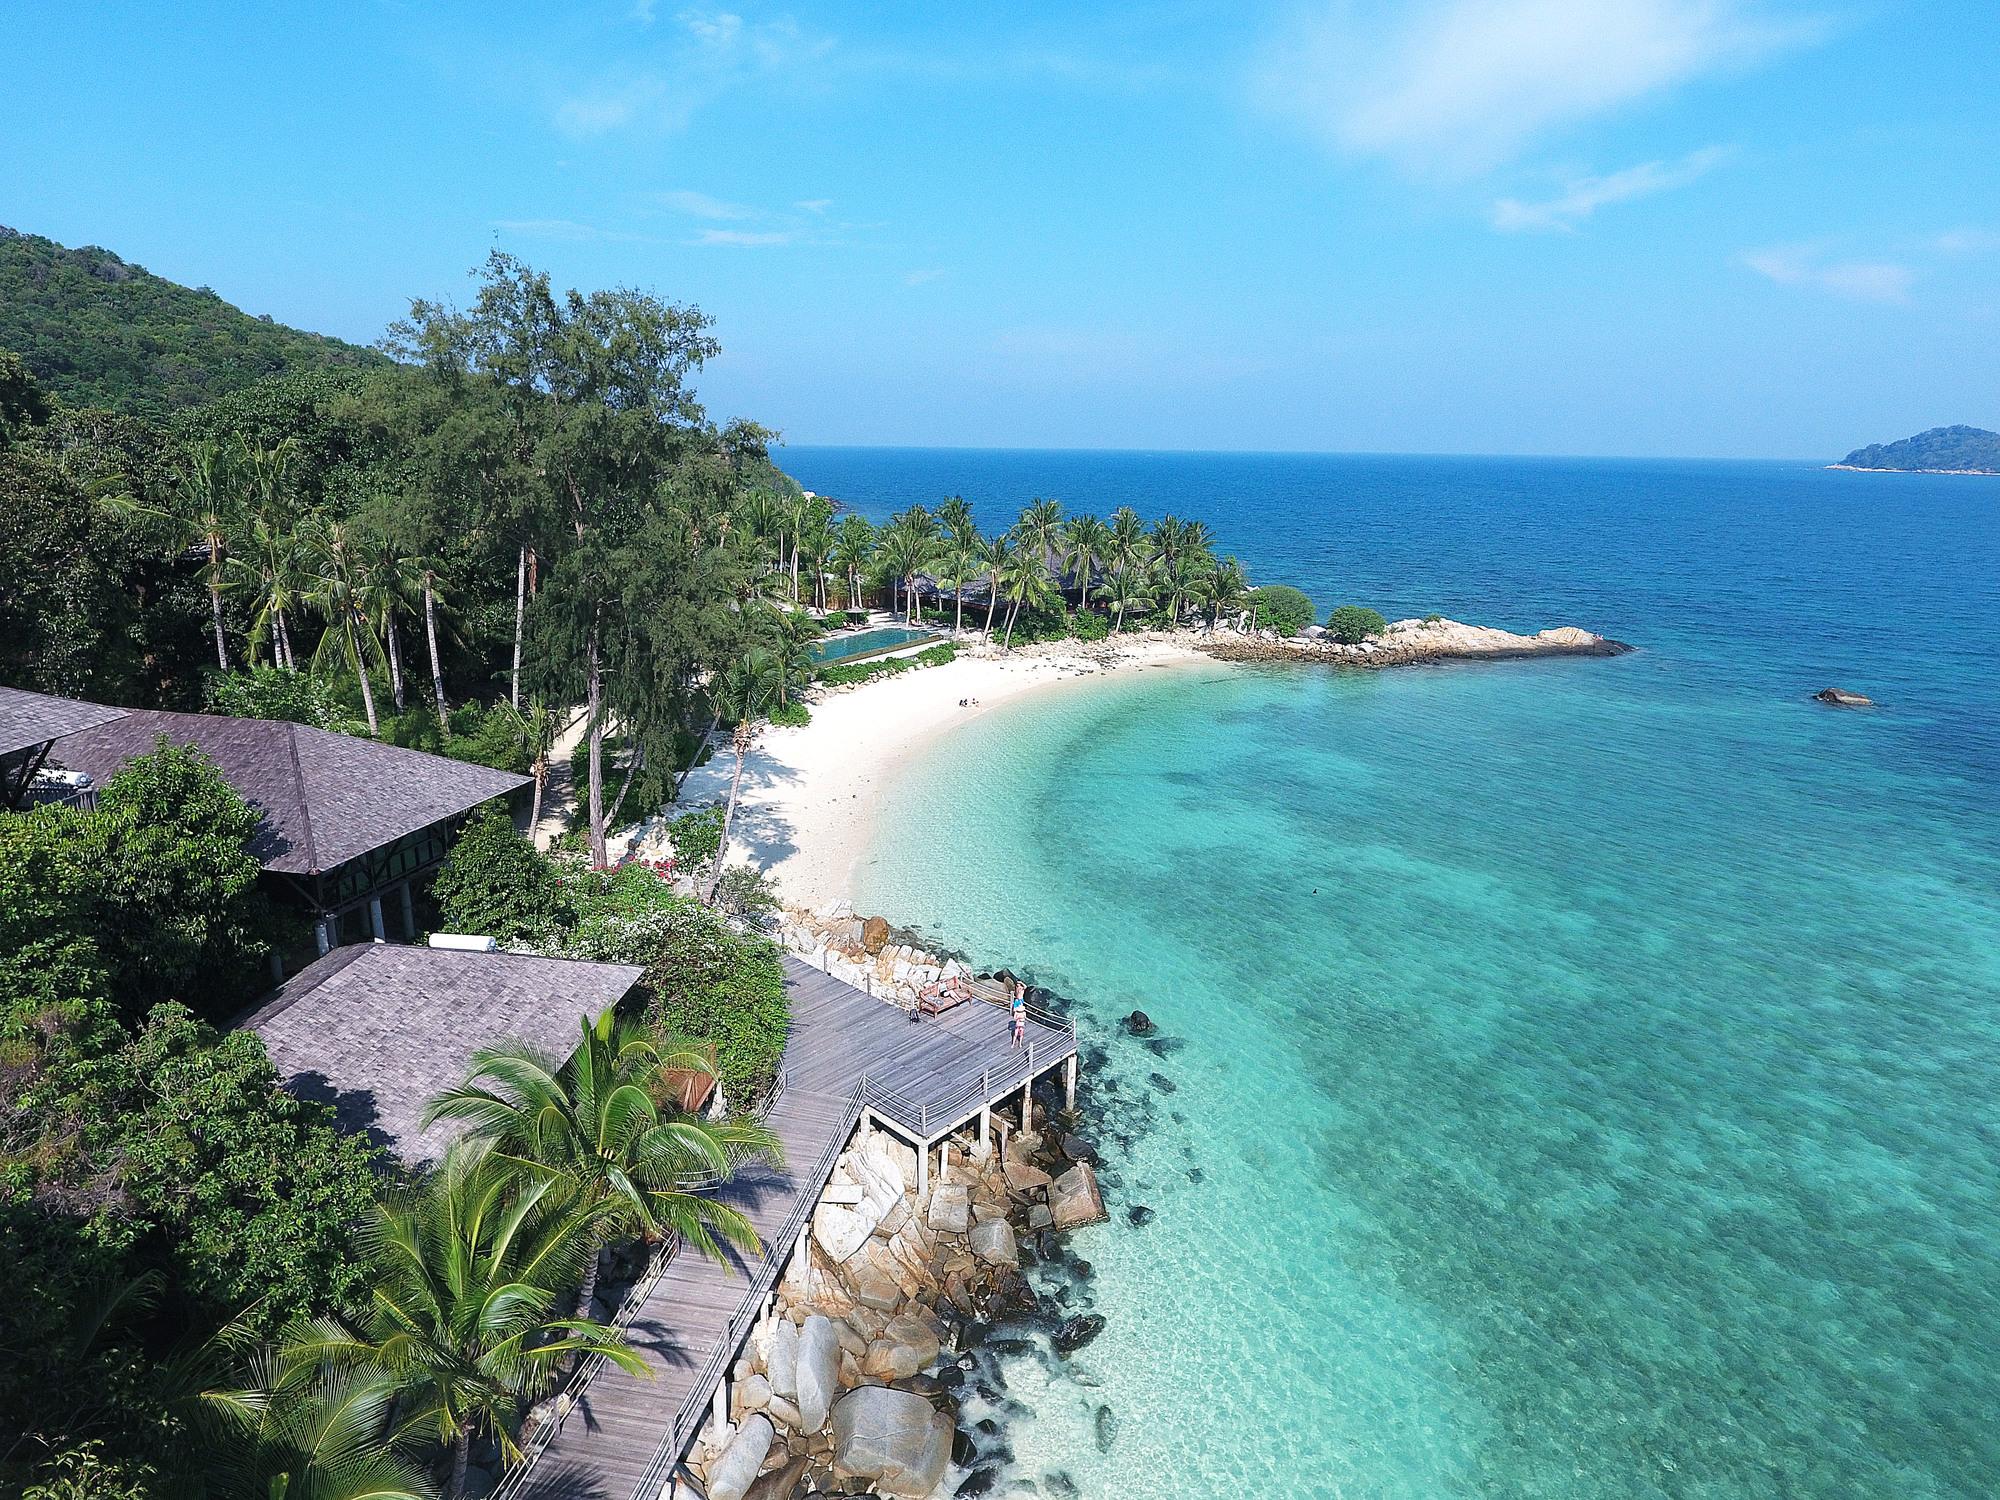 Private island getaway to Batu Batu a slice of paradise in